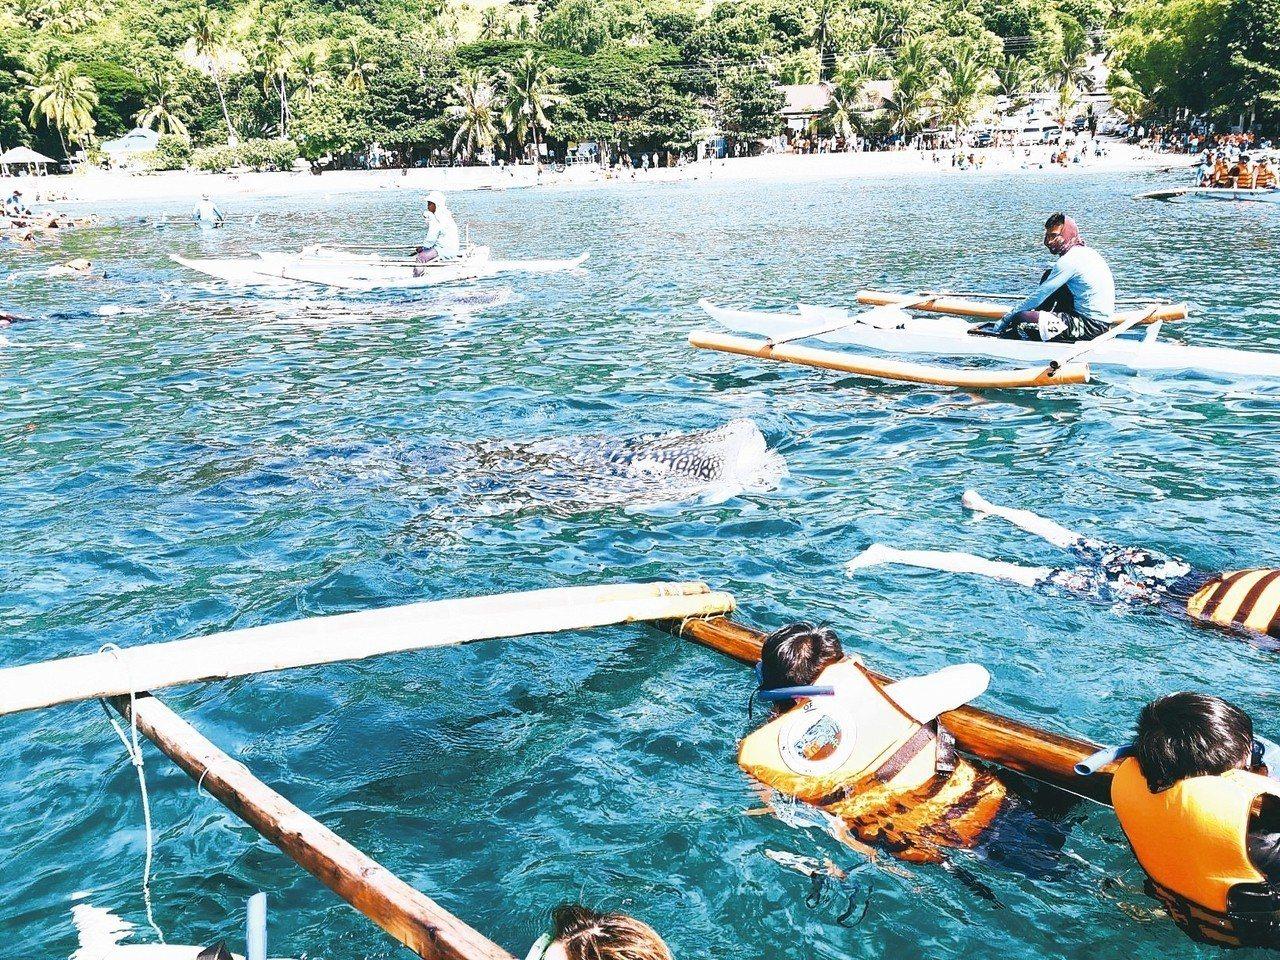 水上活動是宿霧旅遊的亮點。 圖/雄獅旅遊提供